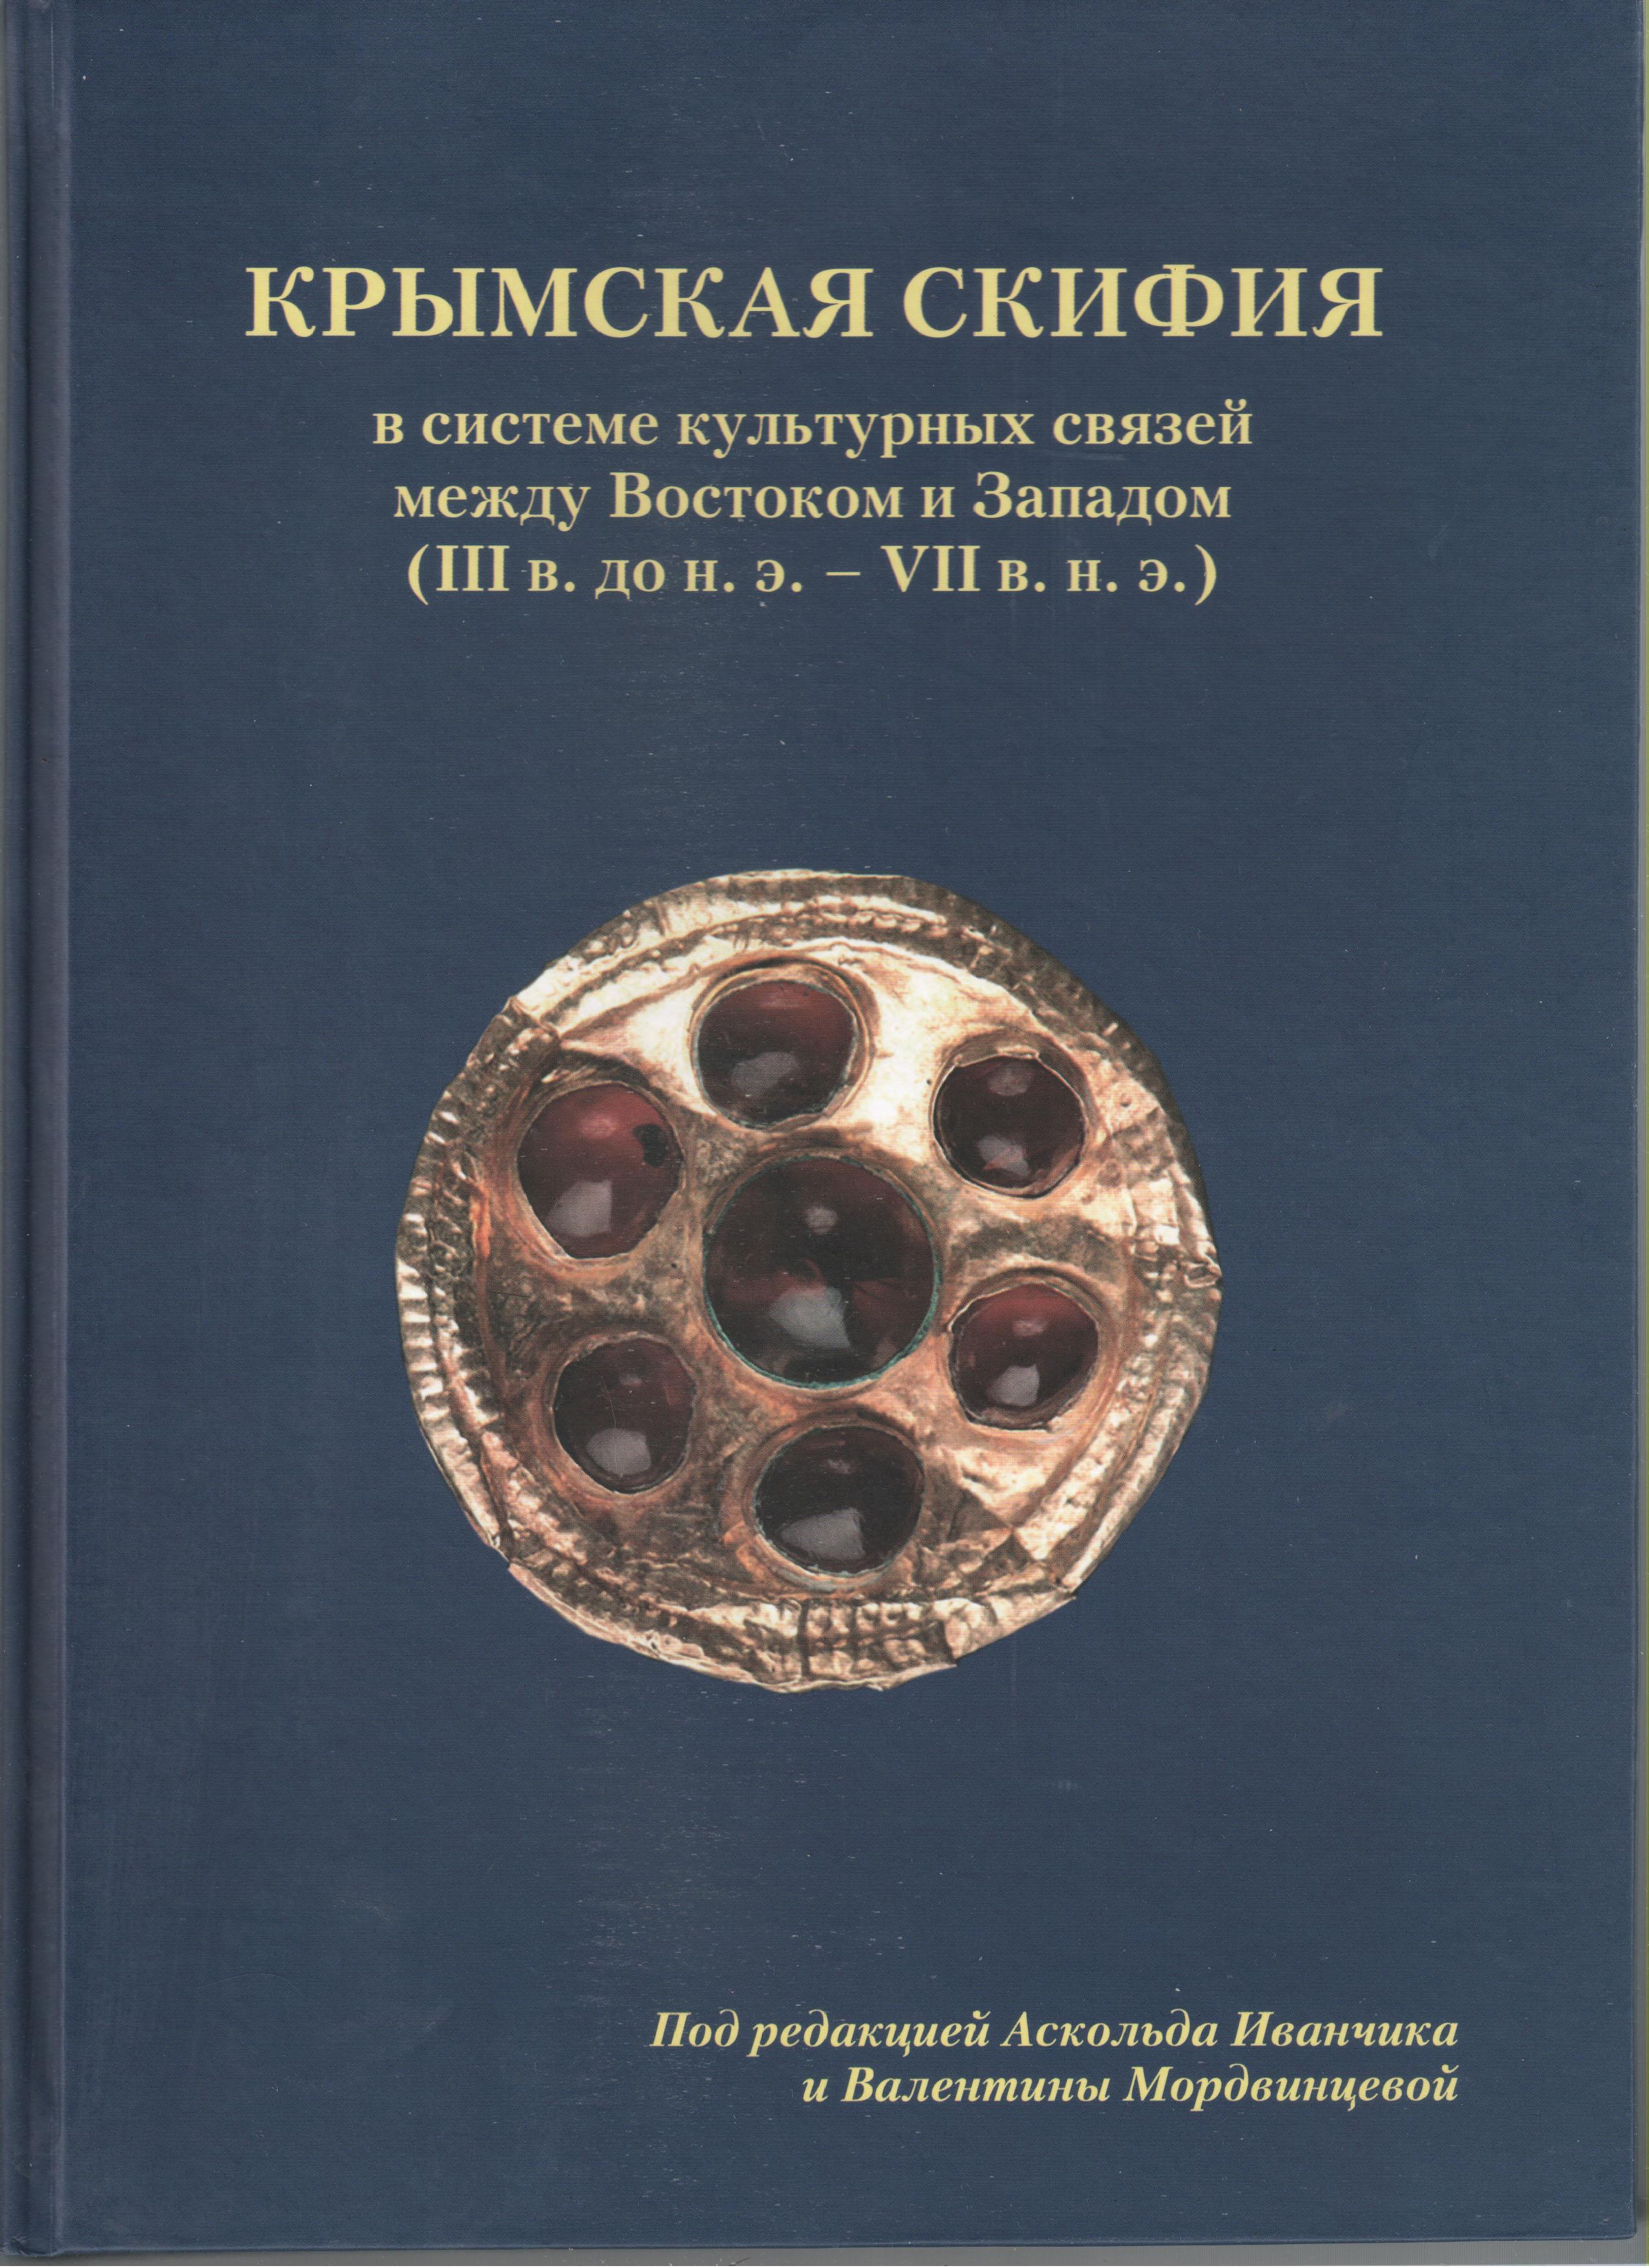 Крымская Скифия в системе культурных связей между Востоком и Западом (III в. до н.э. – VII в.н.э.)